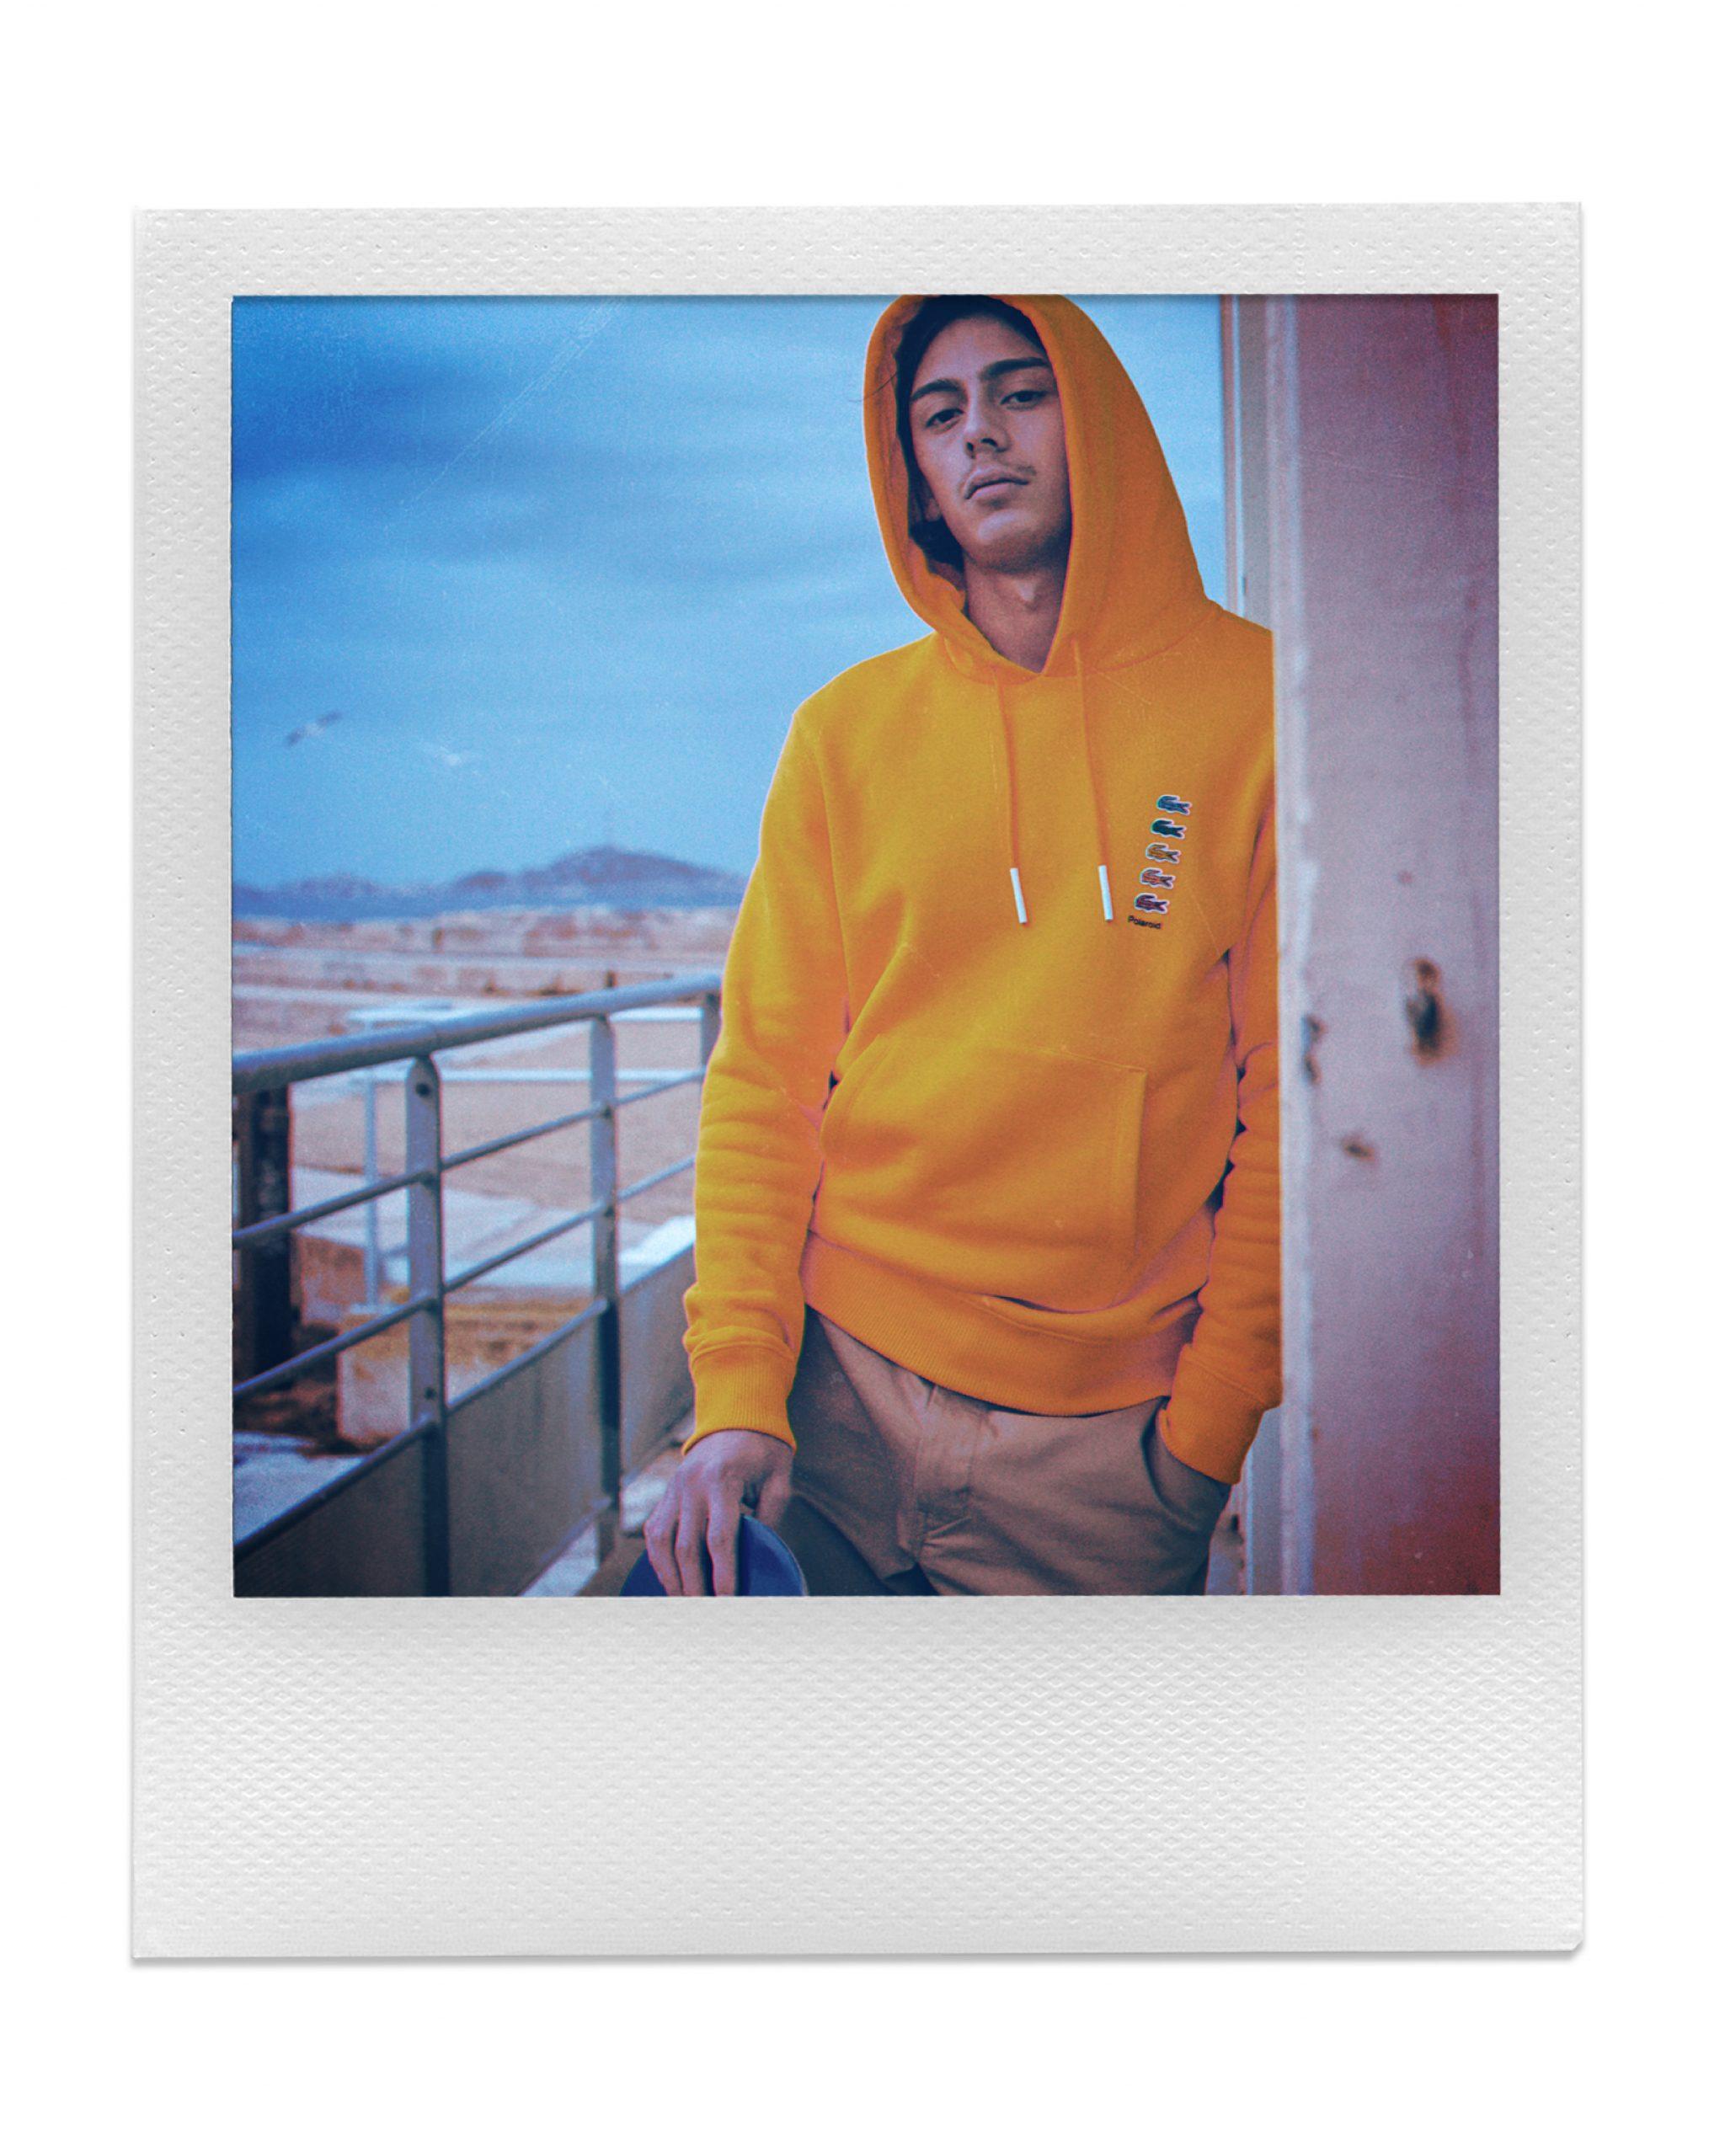 Lacoste x Polaroid 4